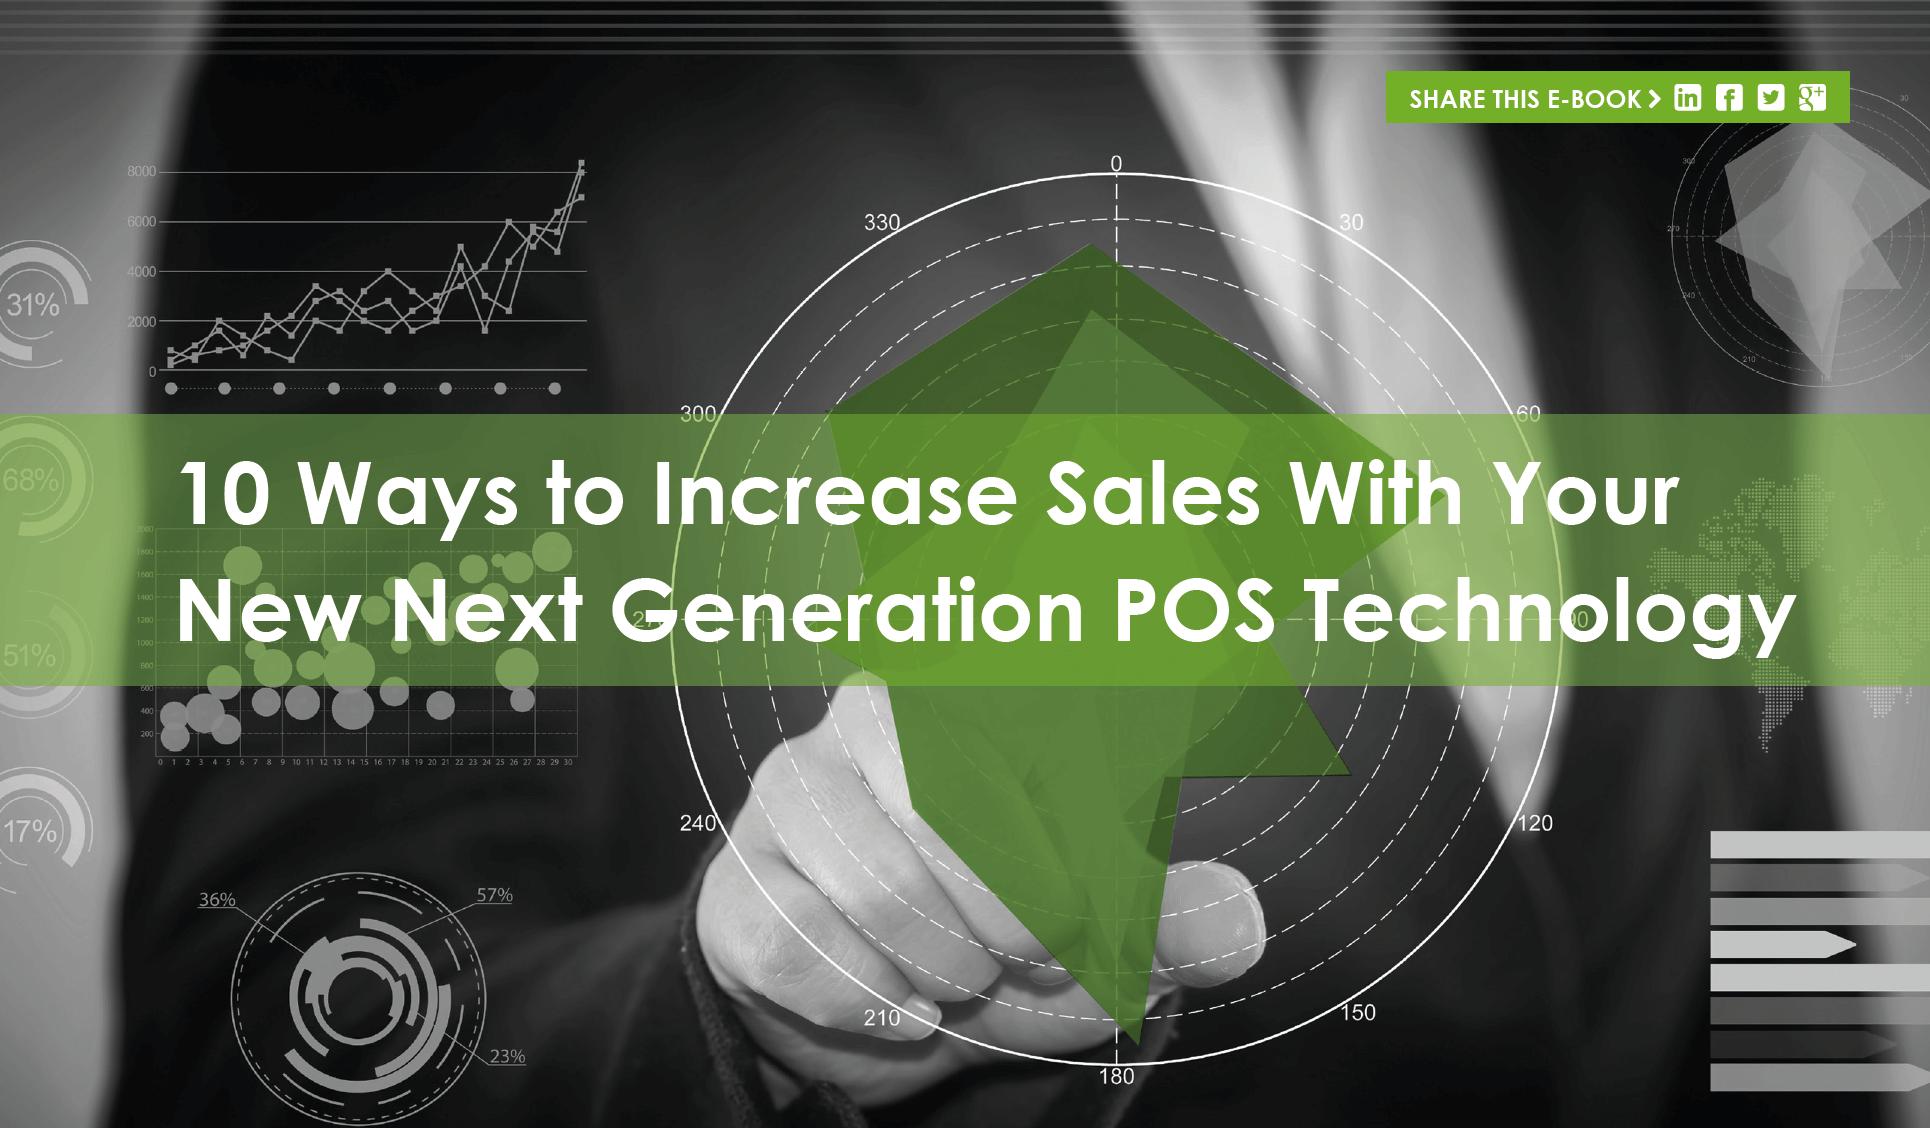 eBook_10 ways to increase sales with next generation POS_EN.png